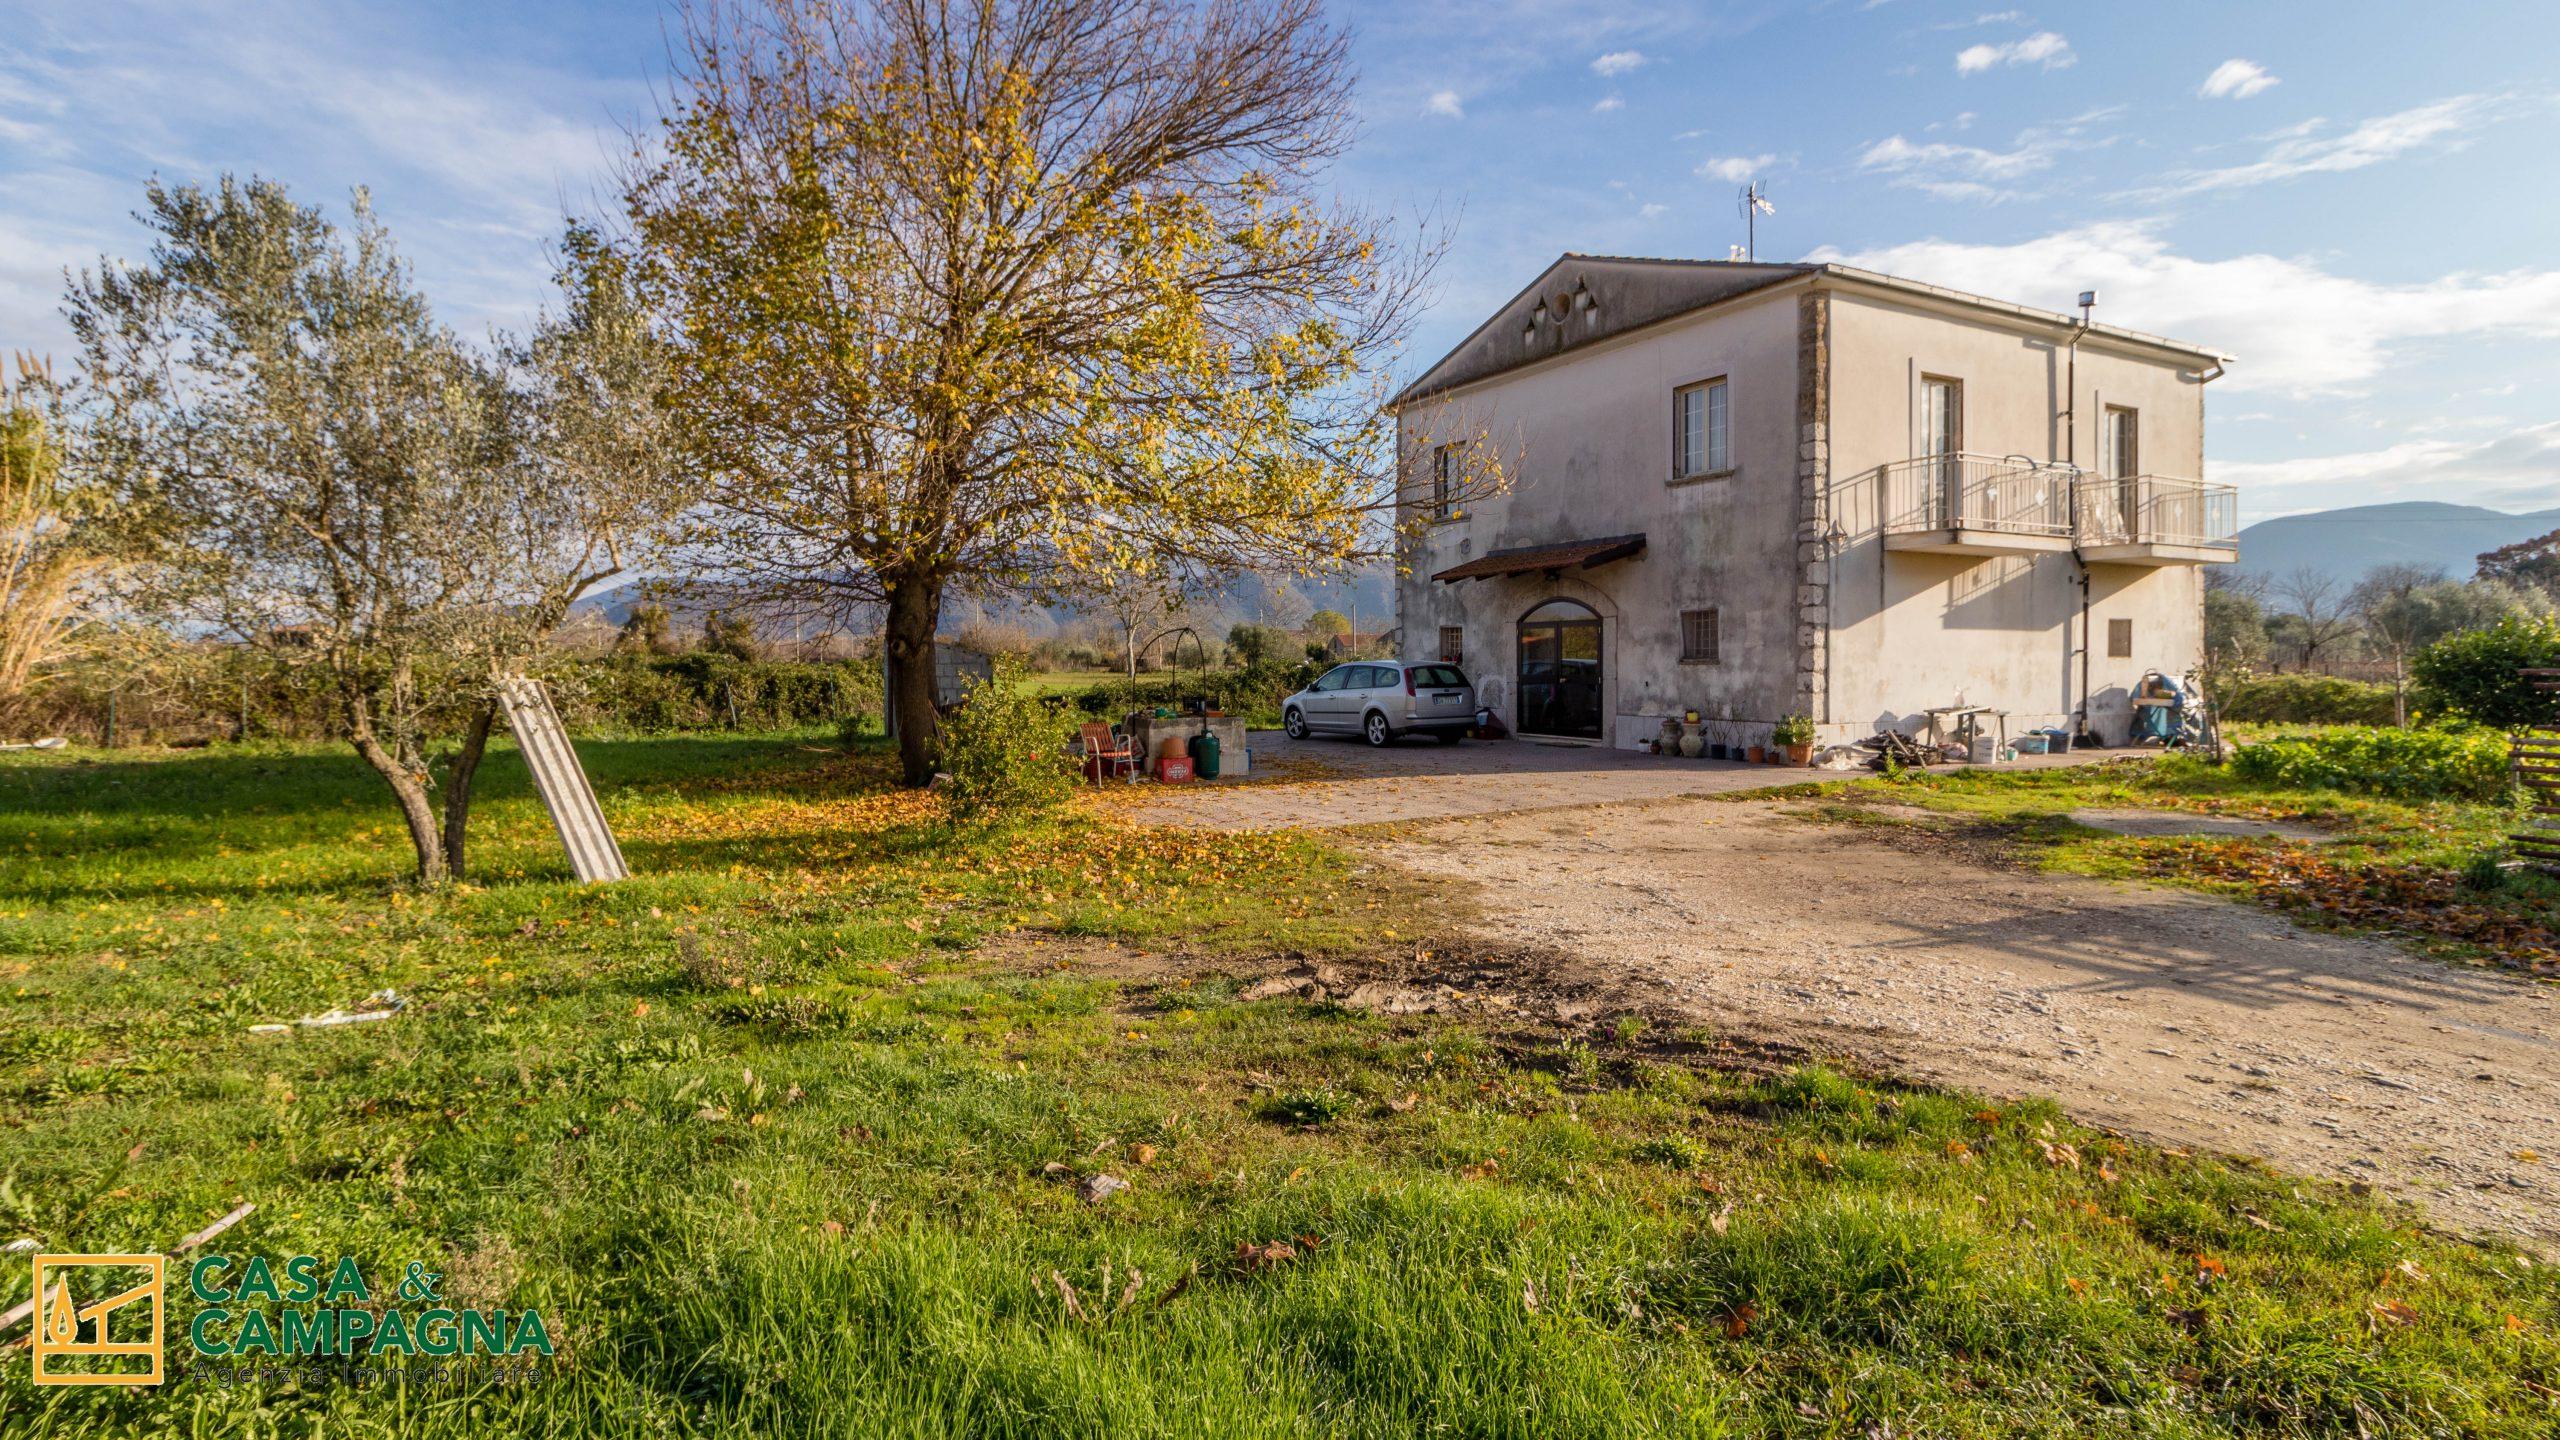 Casale in vendita Sesto Campano (IS)